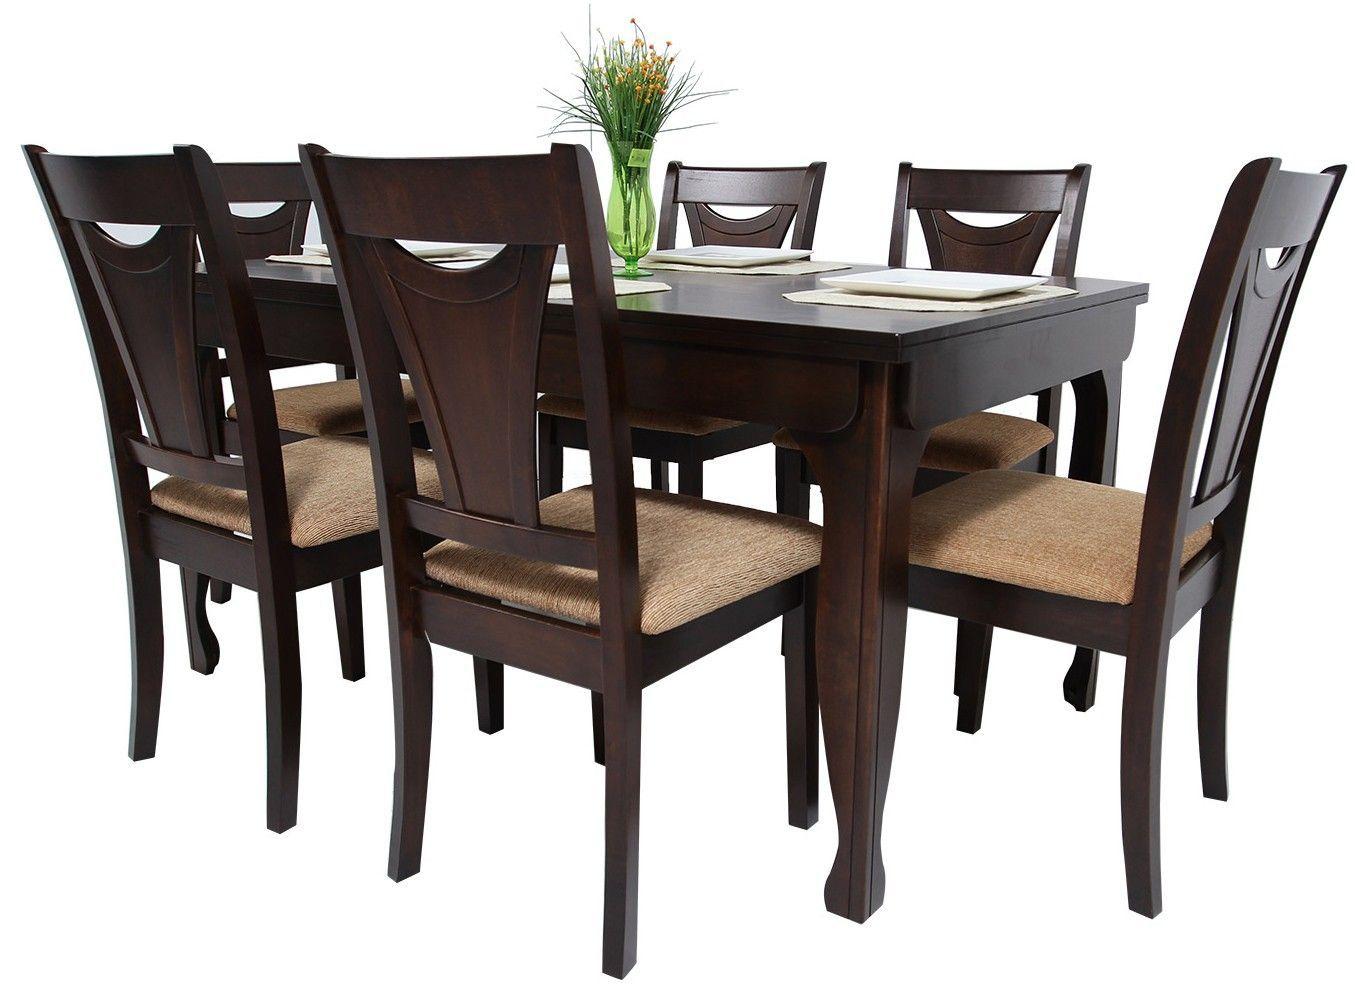 Equipa tu cocina con este c modo y elegante juego de for Juego de mesa y sillas para cocina